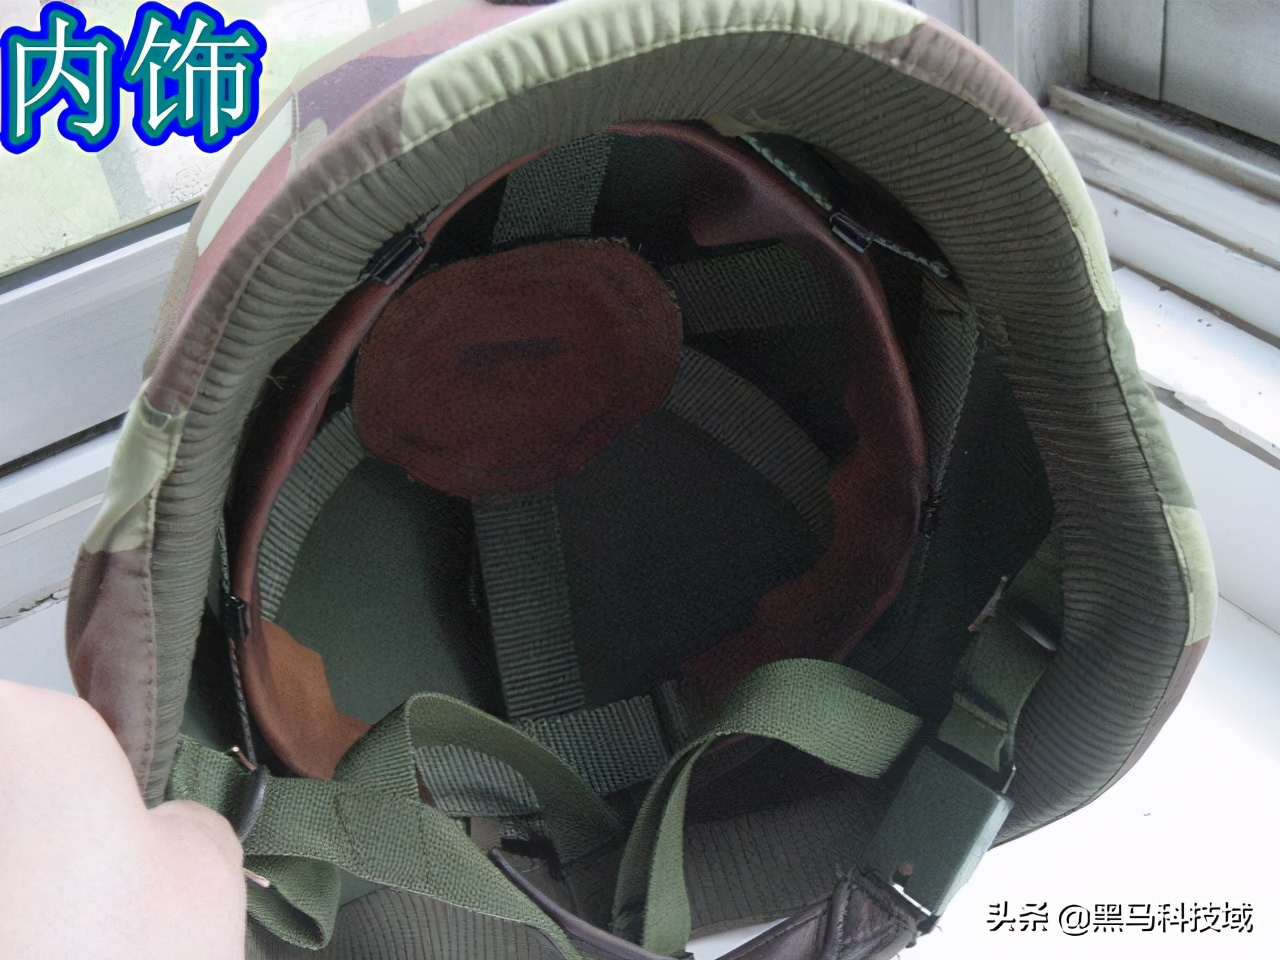 中国QGF02型军用头盔,这质感不愧是子弟兵专属